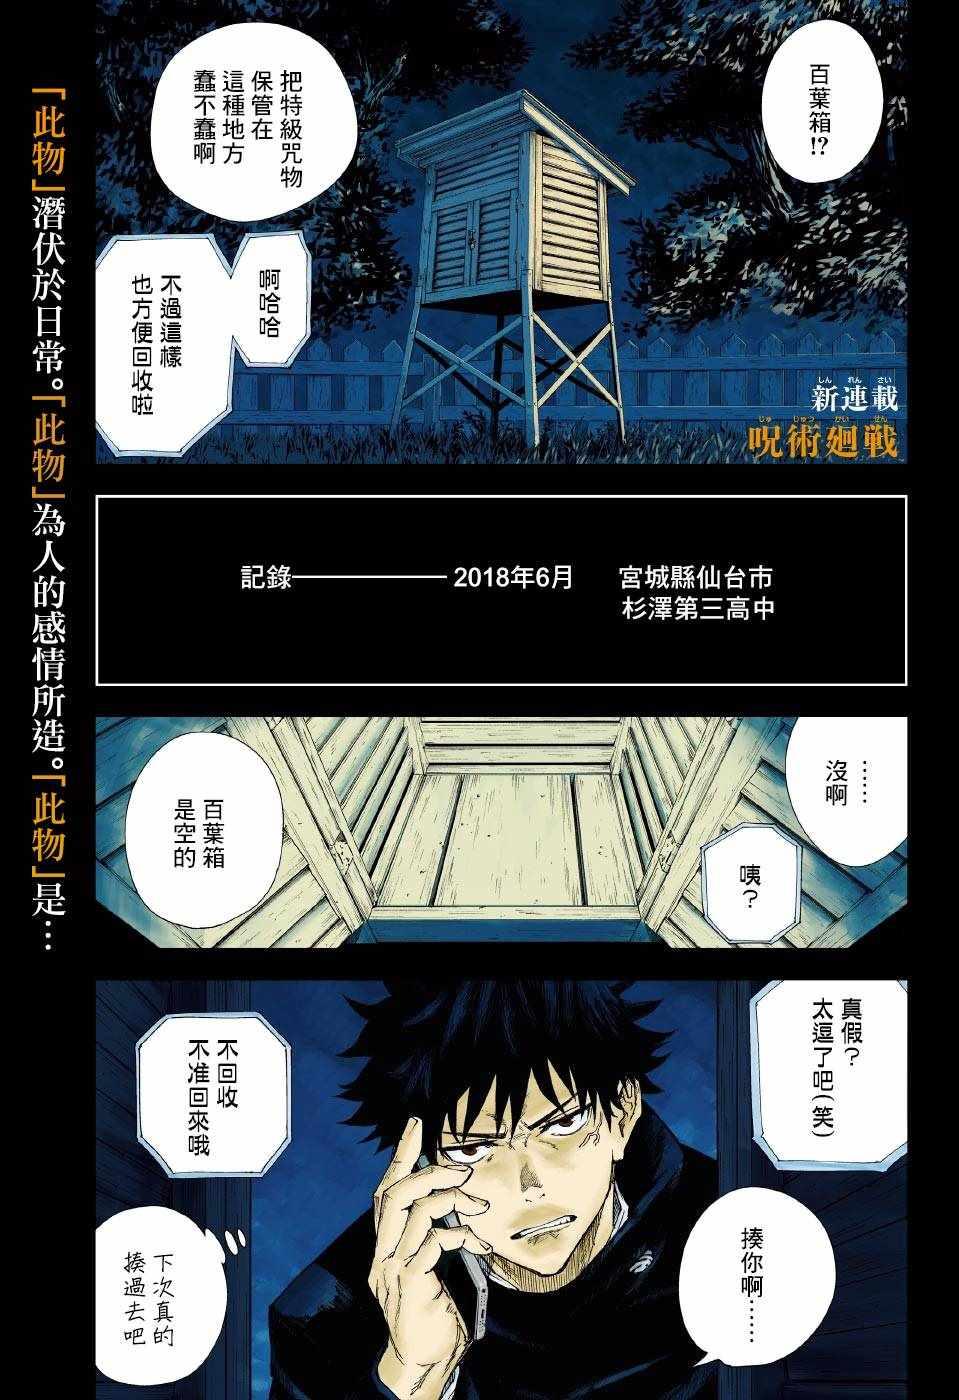 【漫画】   咒术回战-小柚妹站